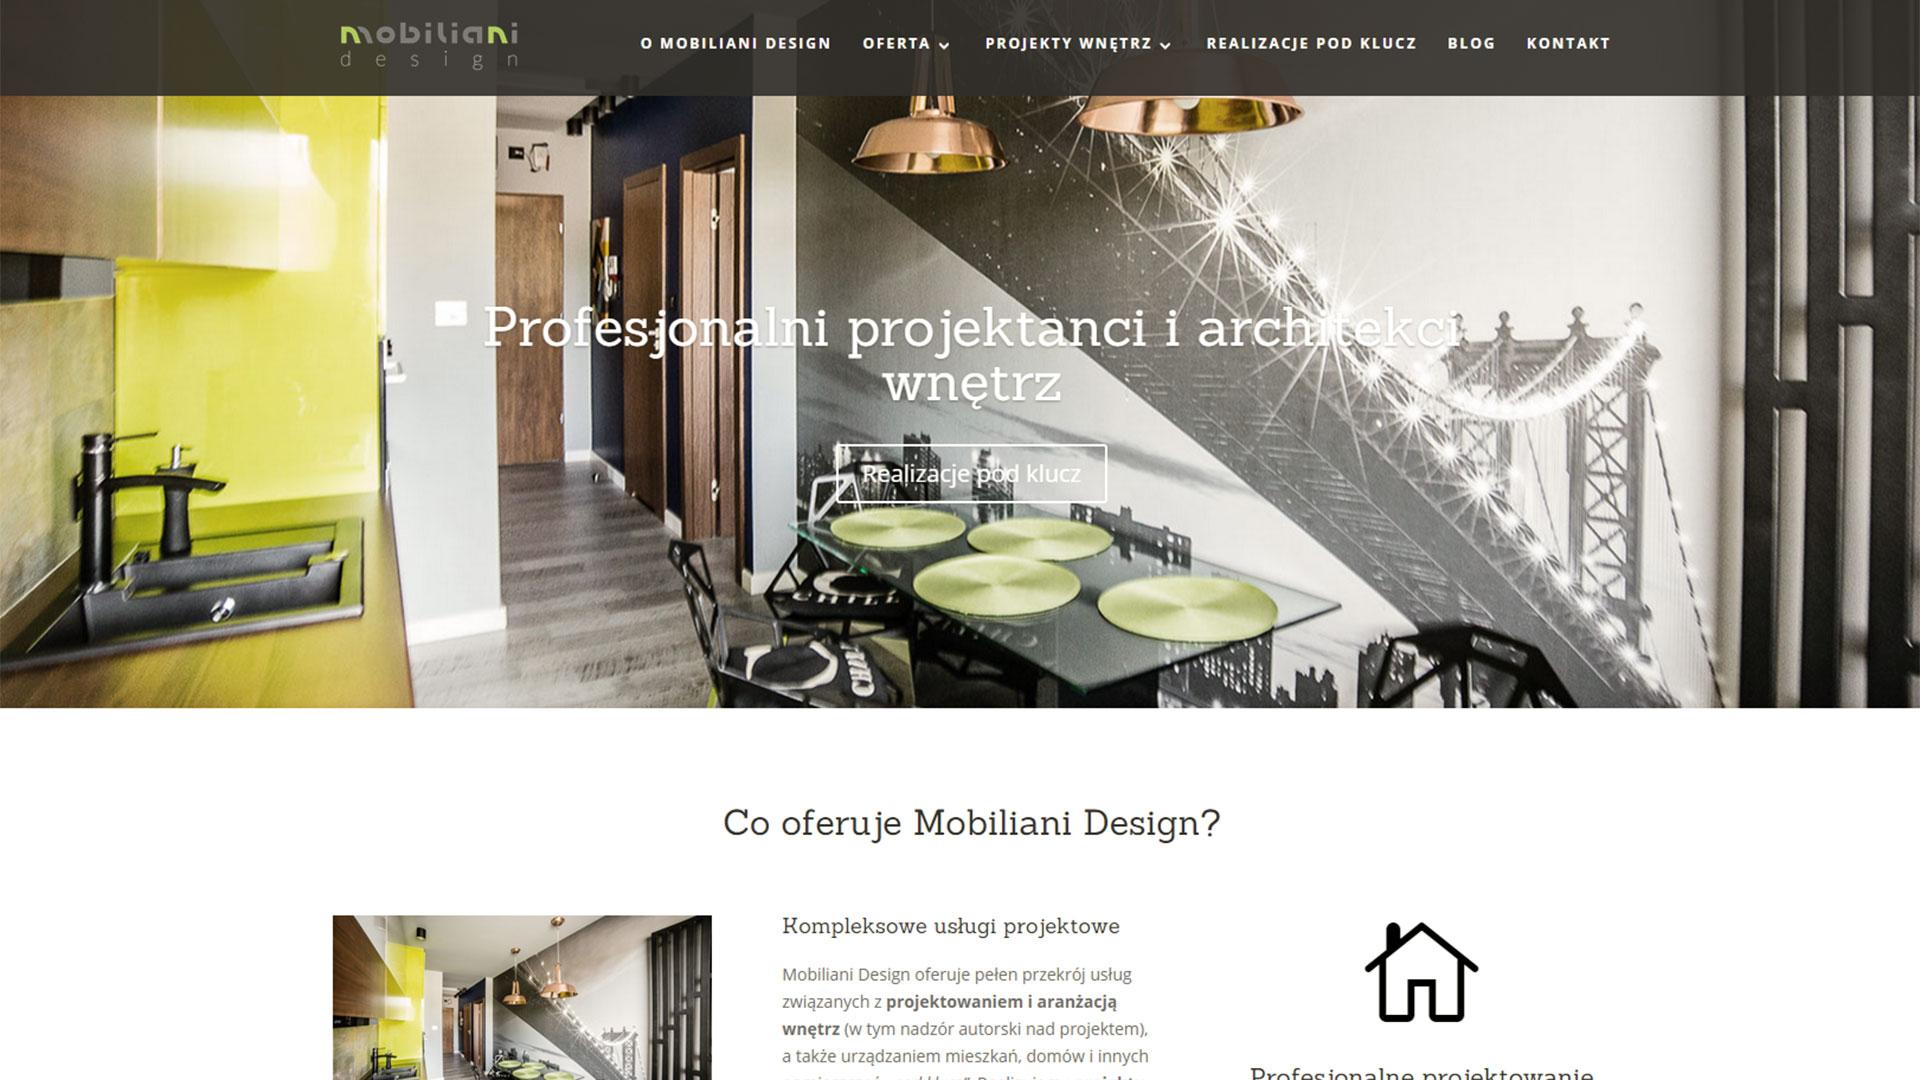 Mobiliani Design Bydgoszcz